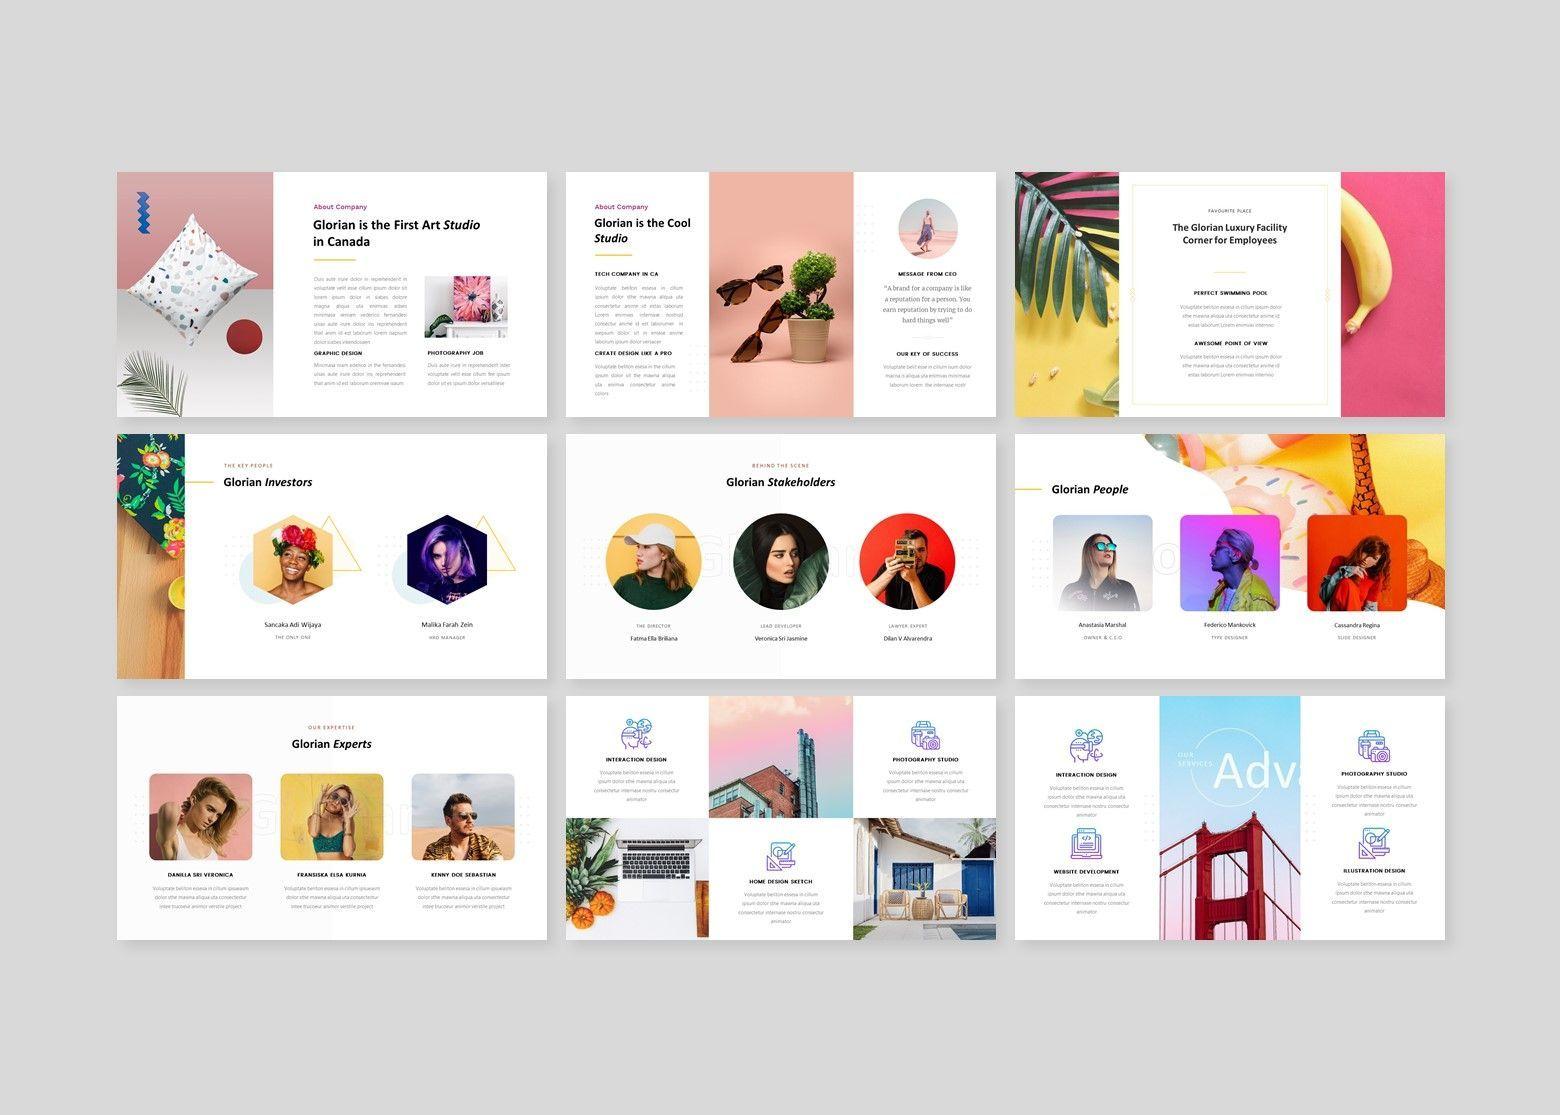 Glorian Creative Business PowerPoint Template, Slide 3, 08115, Business Models — PoweredTemplate.com